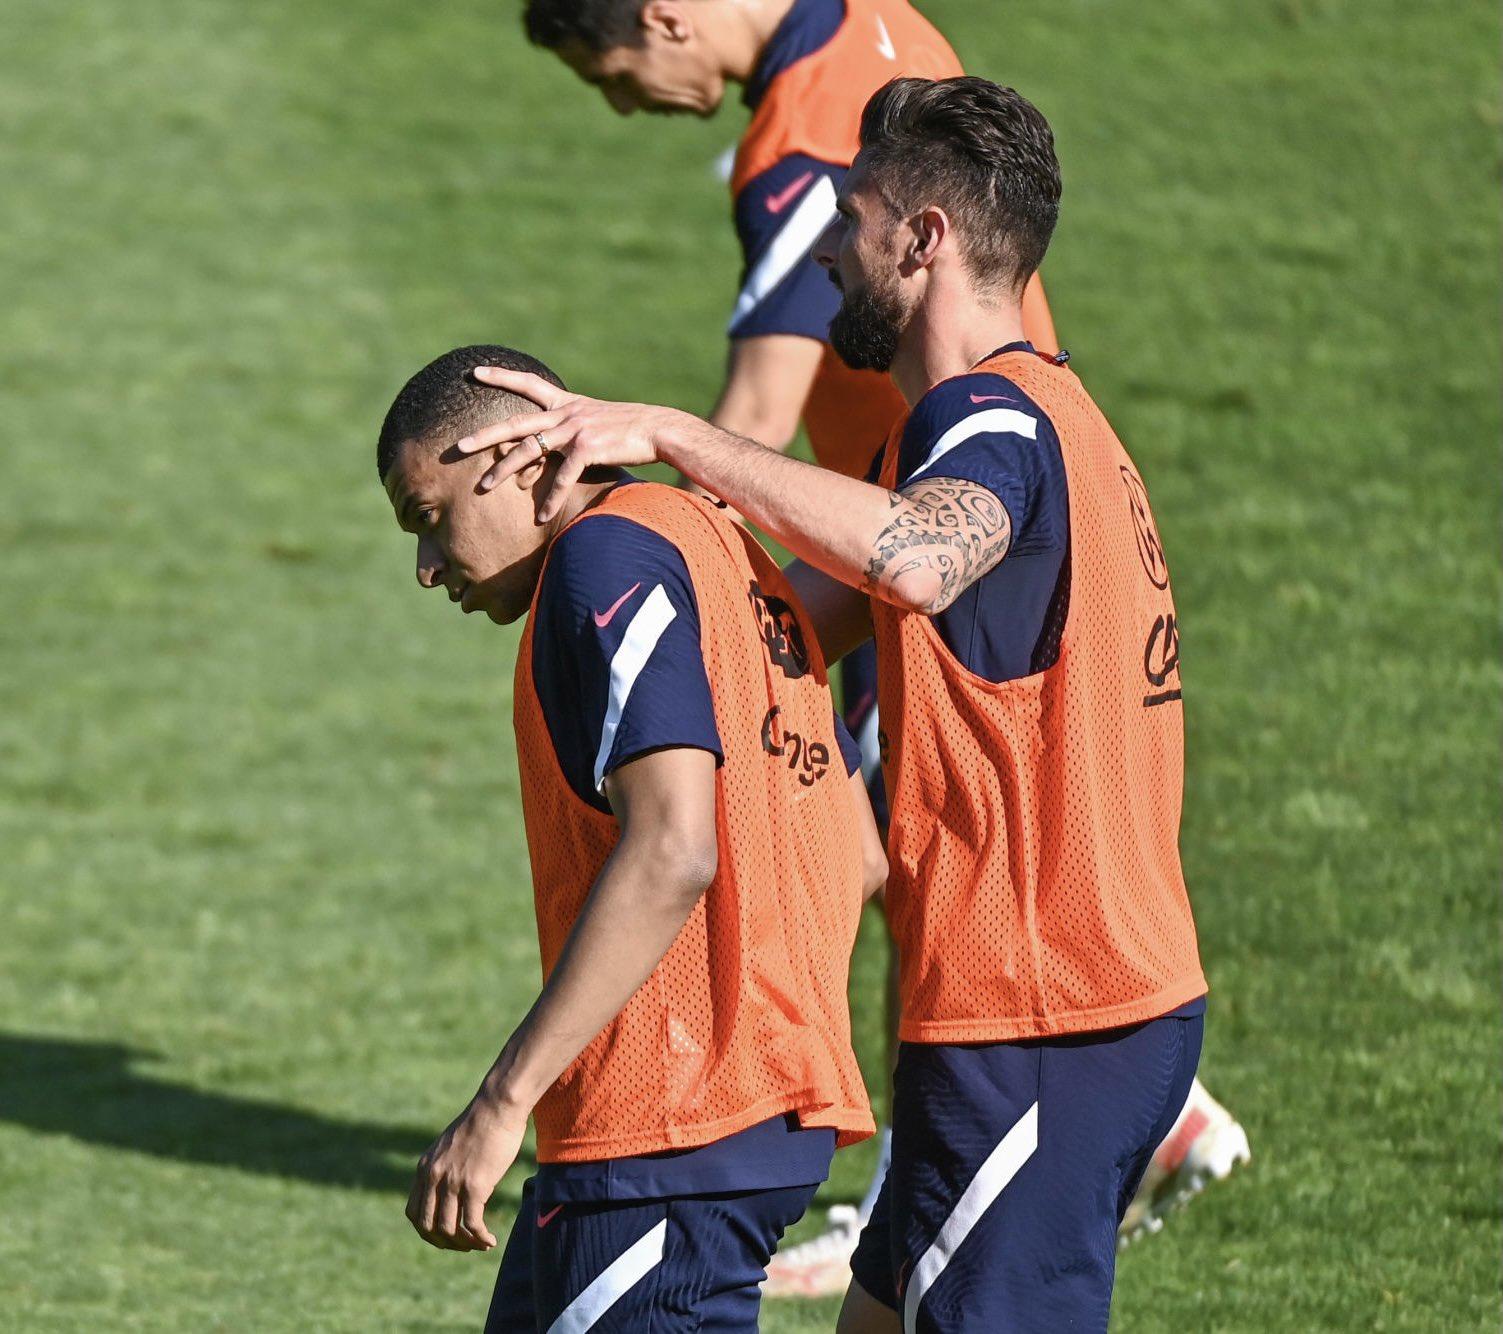 Mbappe tỏ ra không thiện chí trước cử chỉ thân thiện của Giroud. Ảnh: FFF